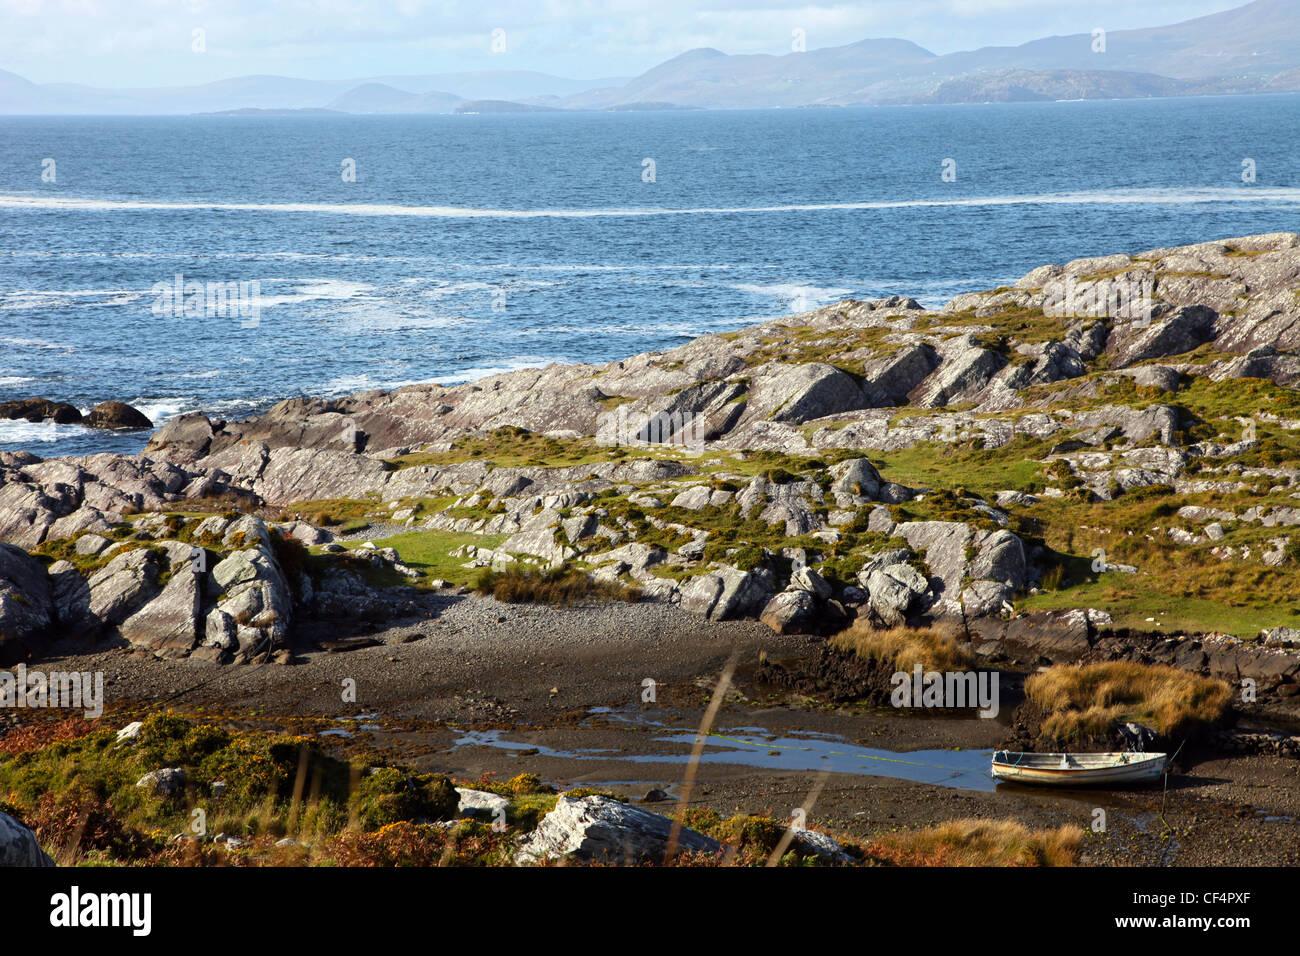 Rugged coastline of the Beara Peninsula on the south-west coast of Ireland. - Stock Image